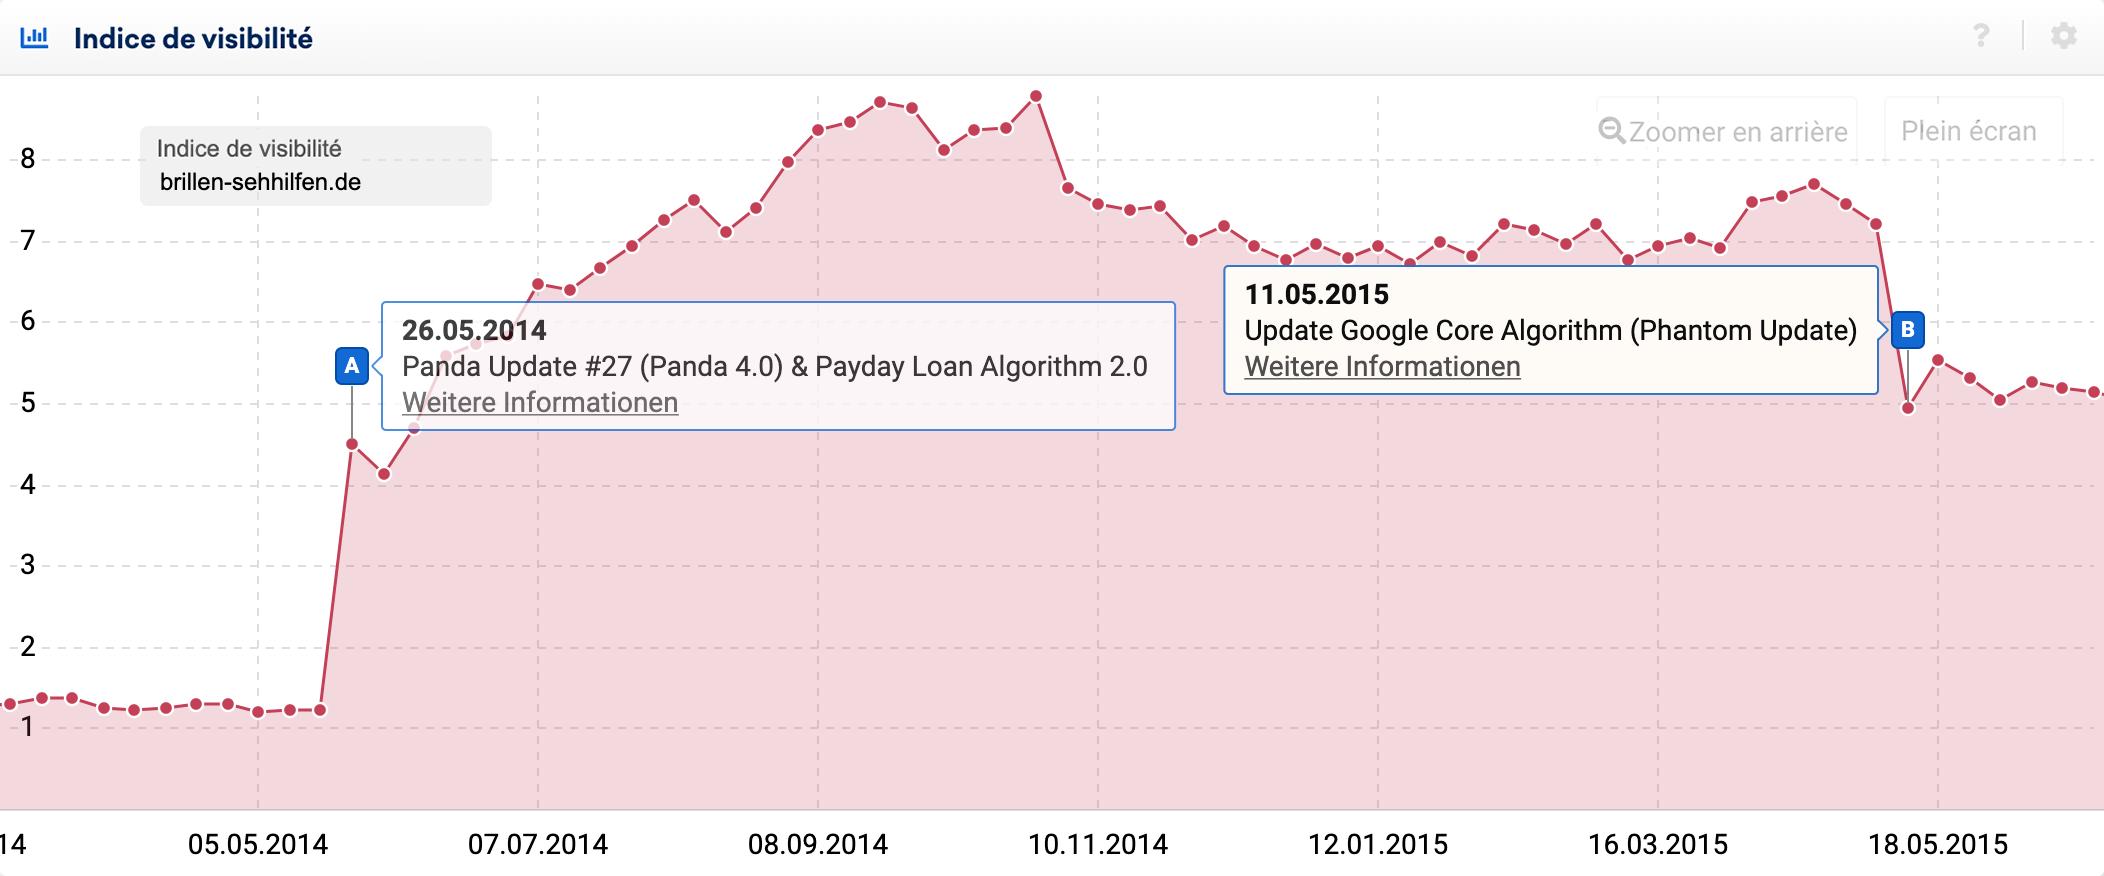 Le domaine brillen-sehhilfen.de a été frappé par la Core Algorithm Update de Google